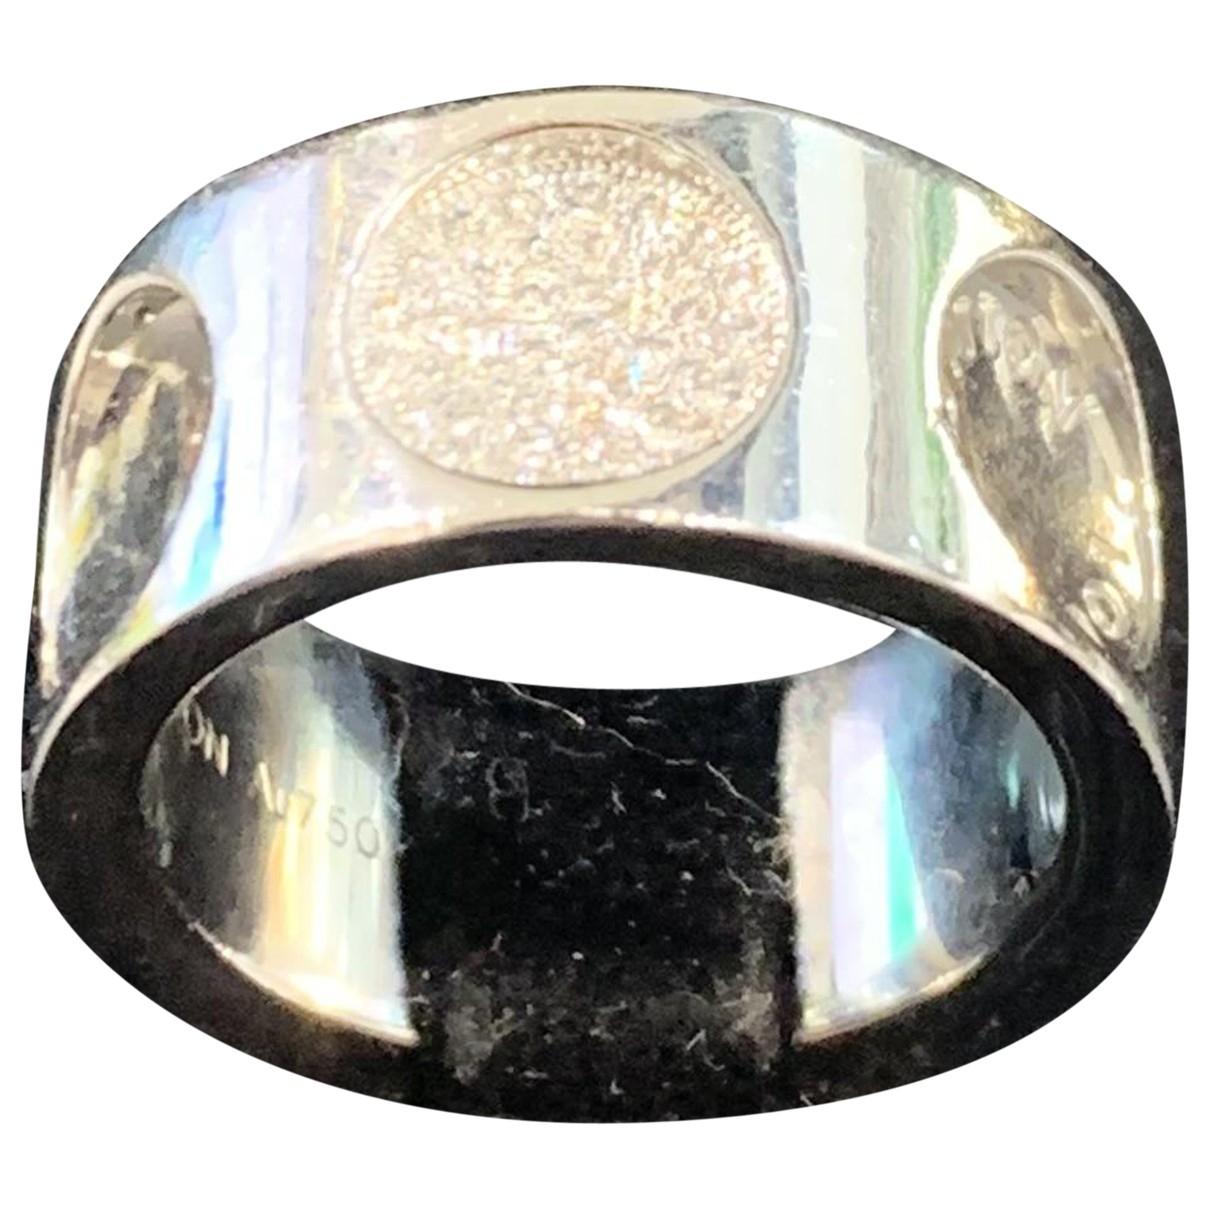 Louis Vuitton Empreinte Ring in  Weiss Weissgold